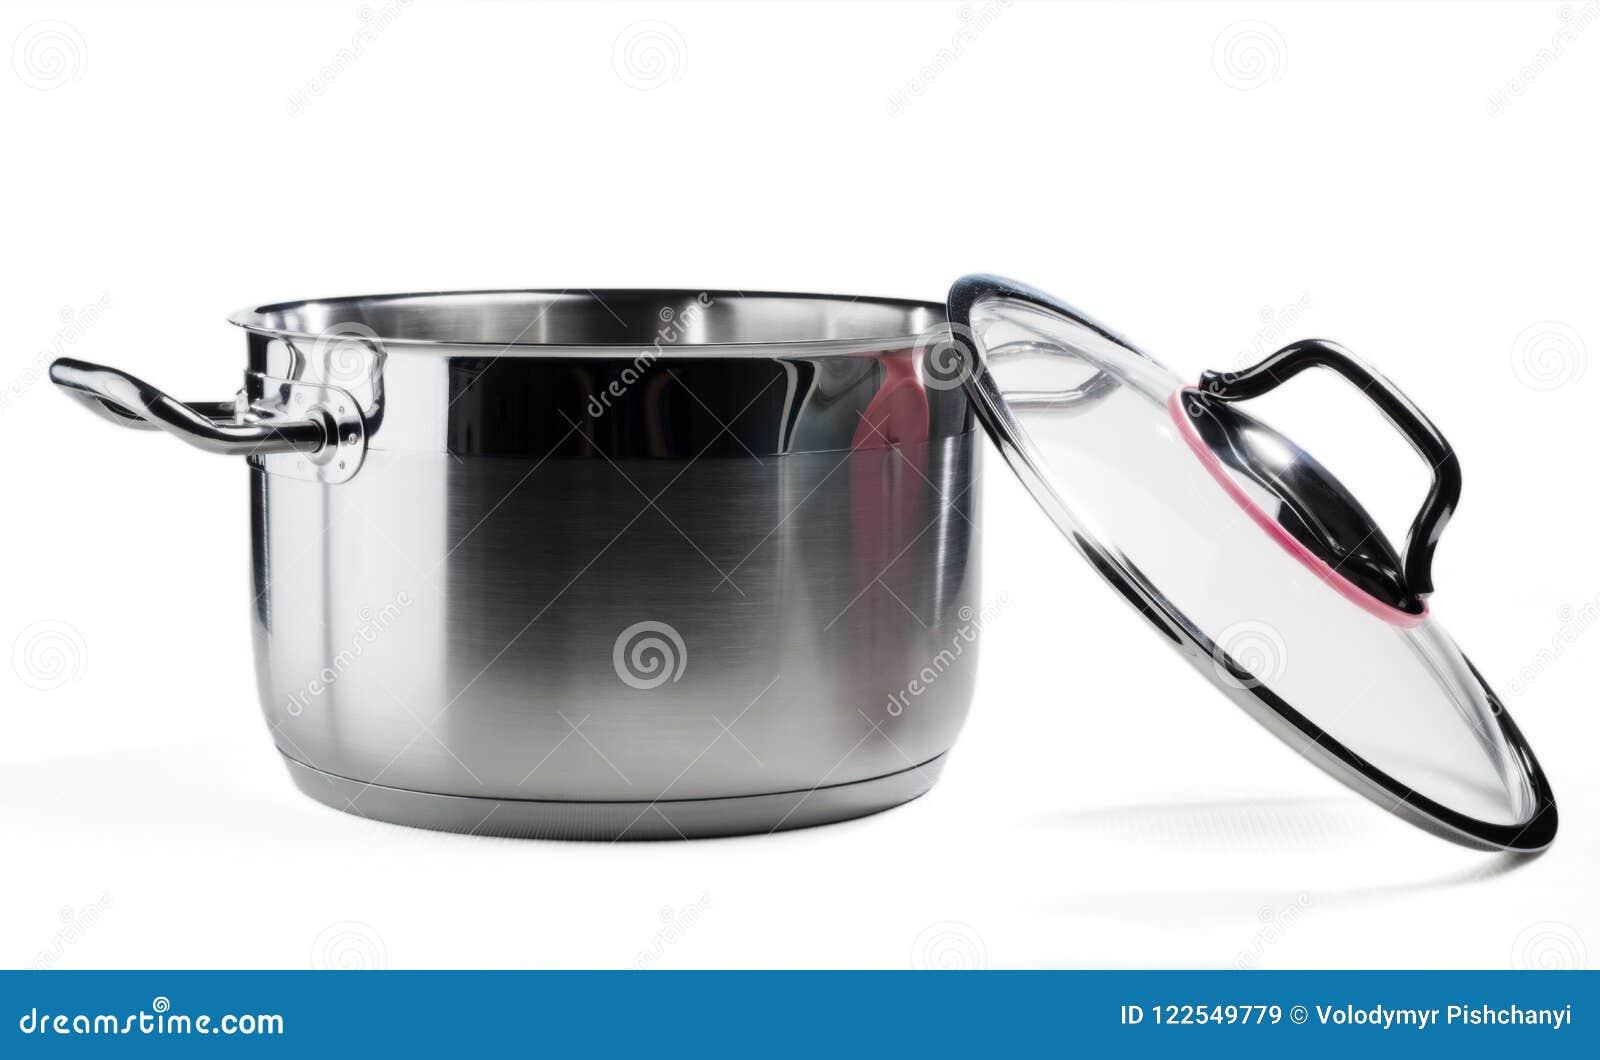 Bandeja de aço inoxidável com a tampa de vidro removida Isolado no fundo branco